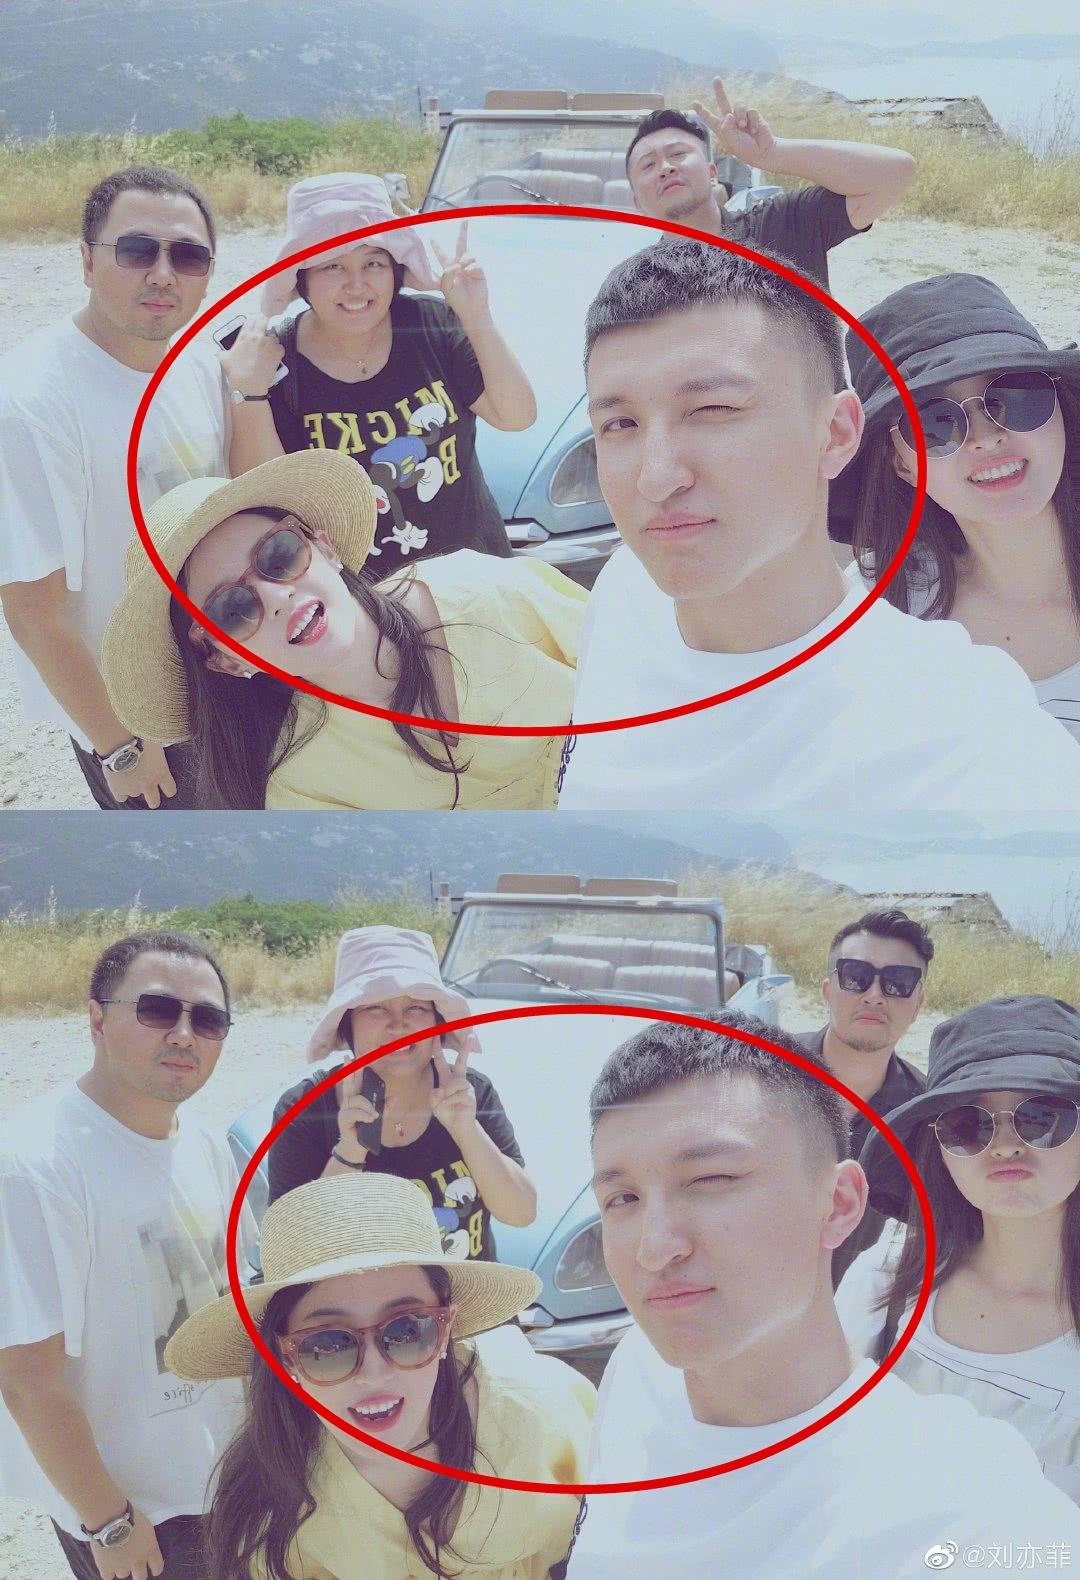 刘亦菲疑似谈恋爱,和摄影师撒糖被掌握证据,网友:谈恋爱正常